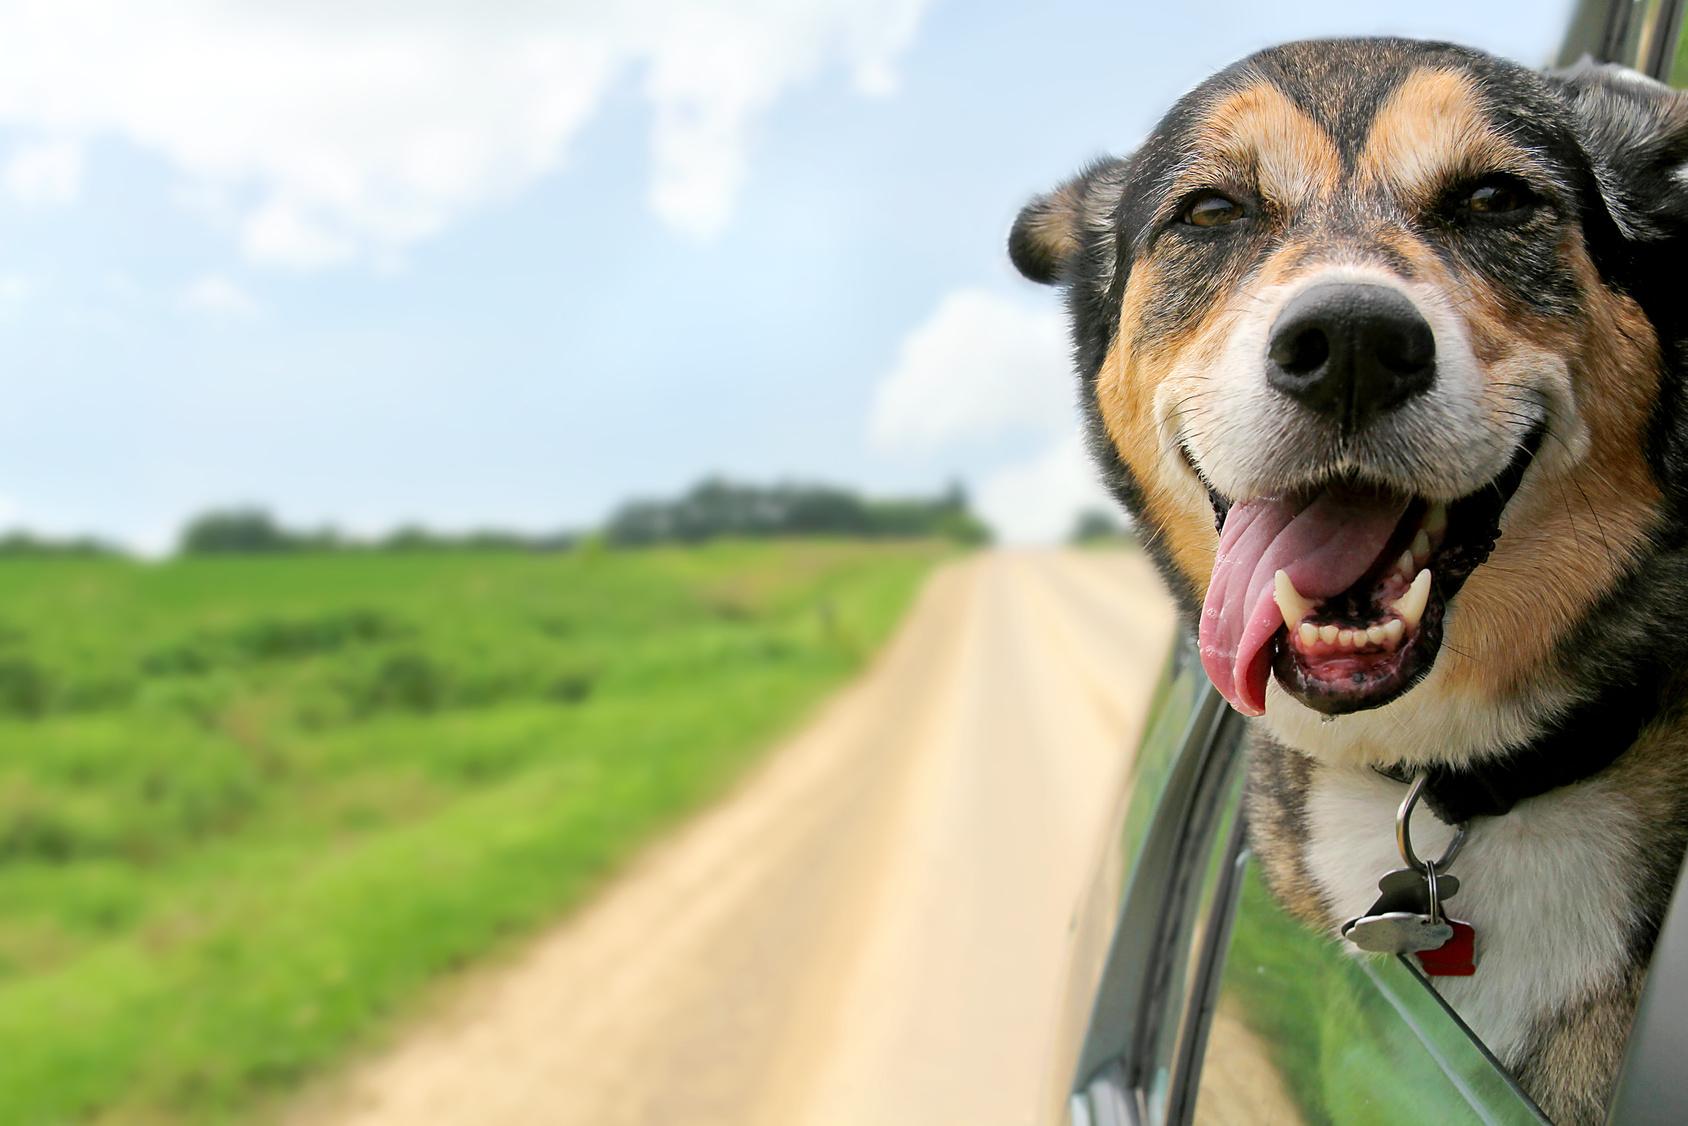 В США автомобиль под управлением собак врезался в магазин (видео)